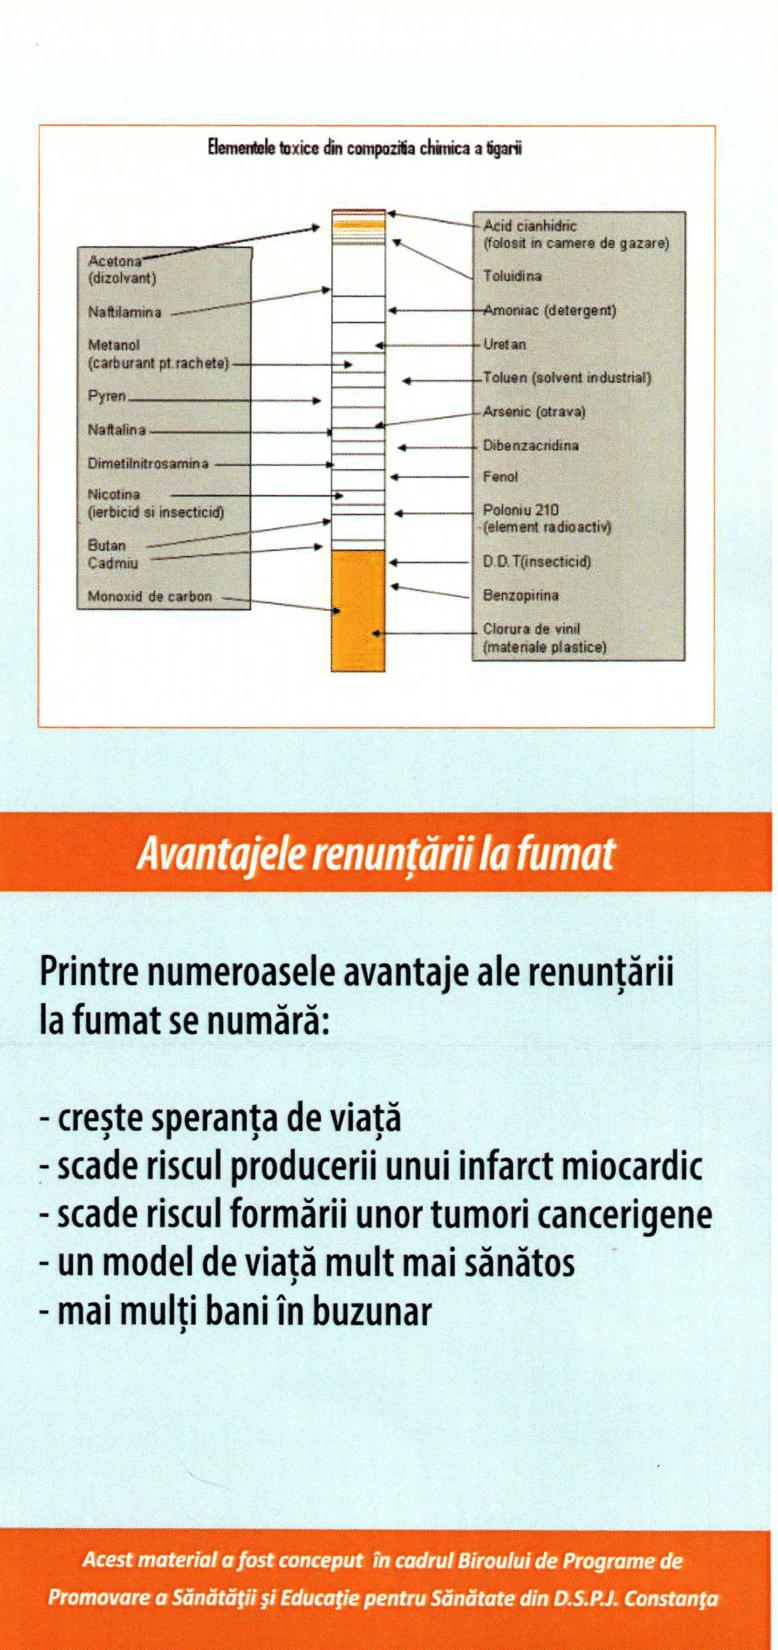 https://www.medstar2000.ro/wp-content/uploads/2019/02/AVANTAJELE-RENUNTARII-LA-FUMAT-1.png